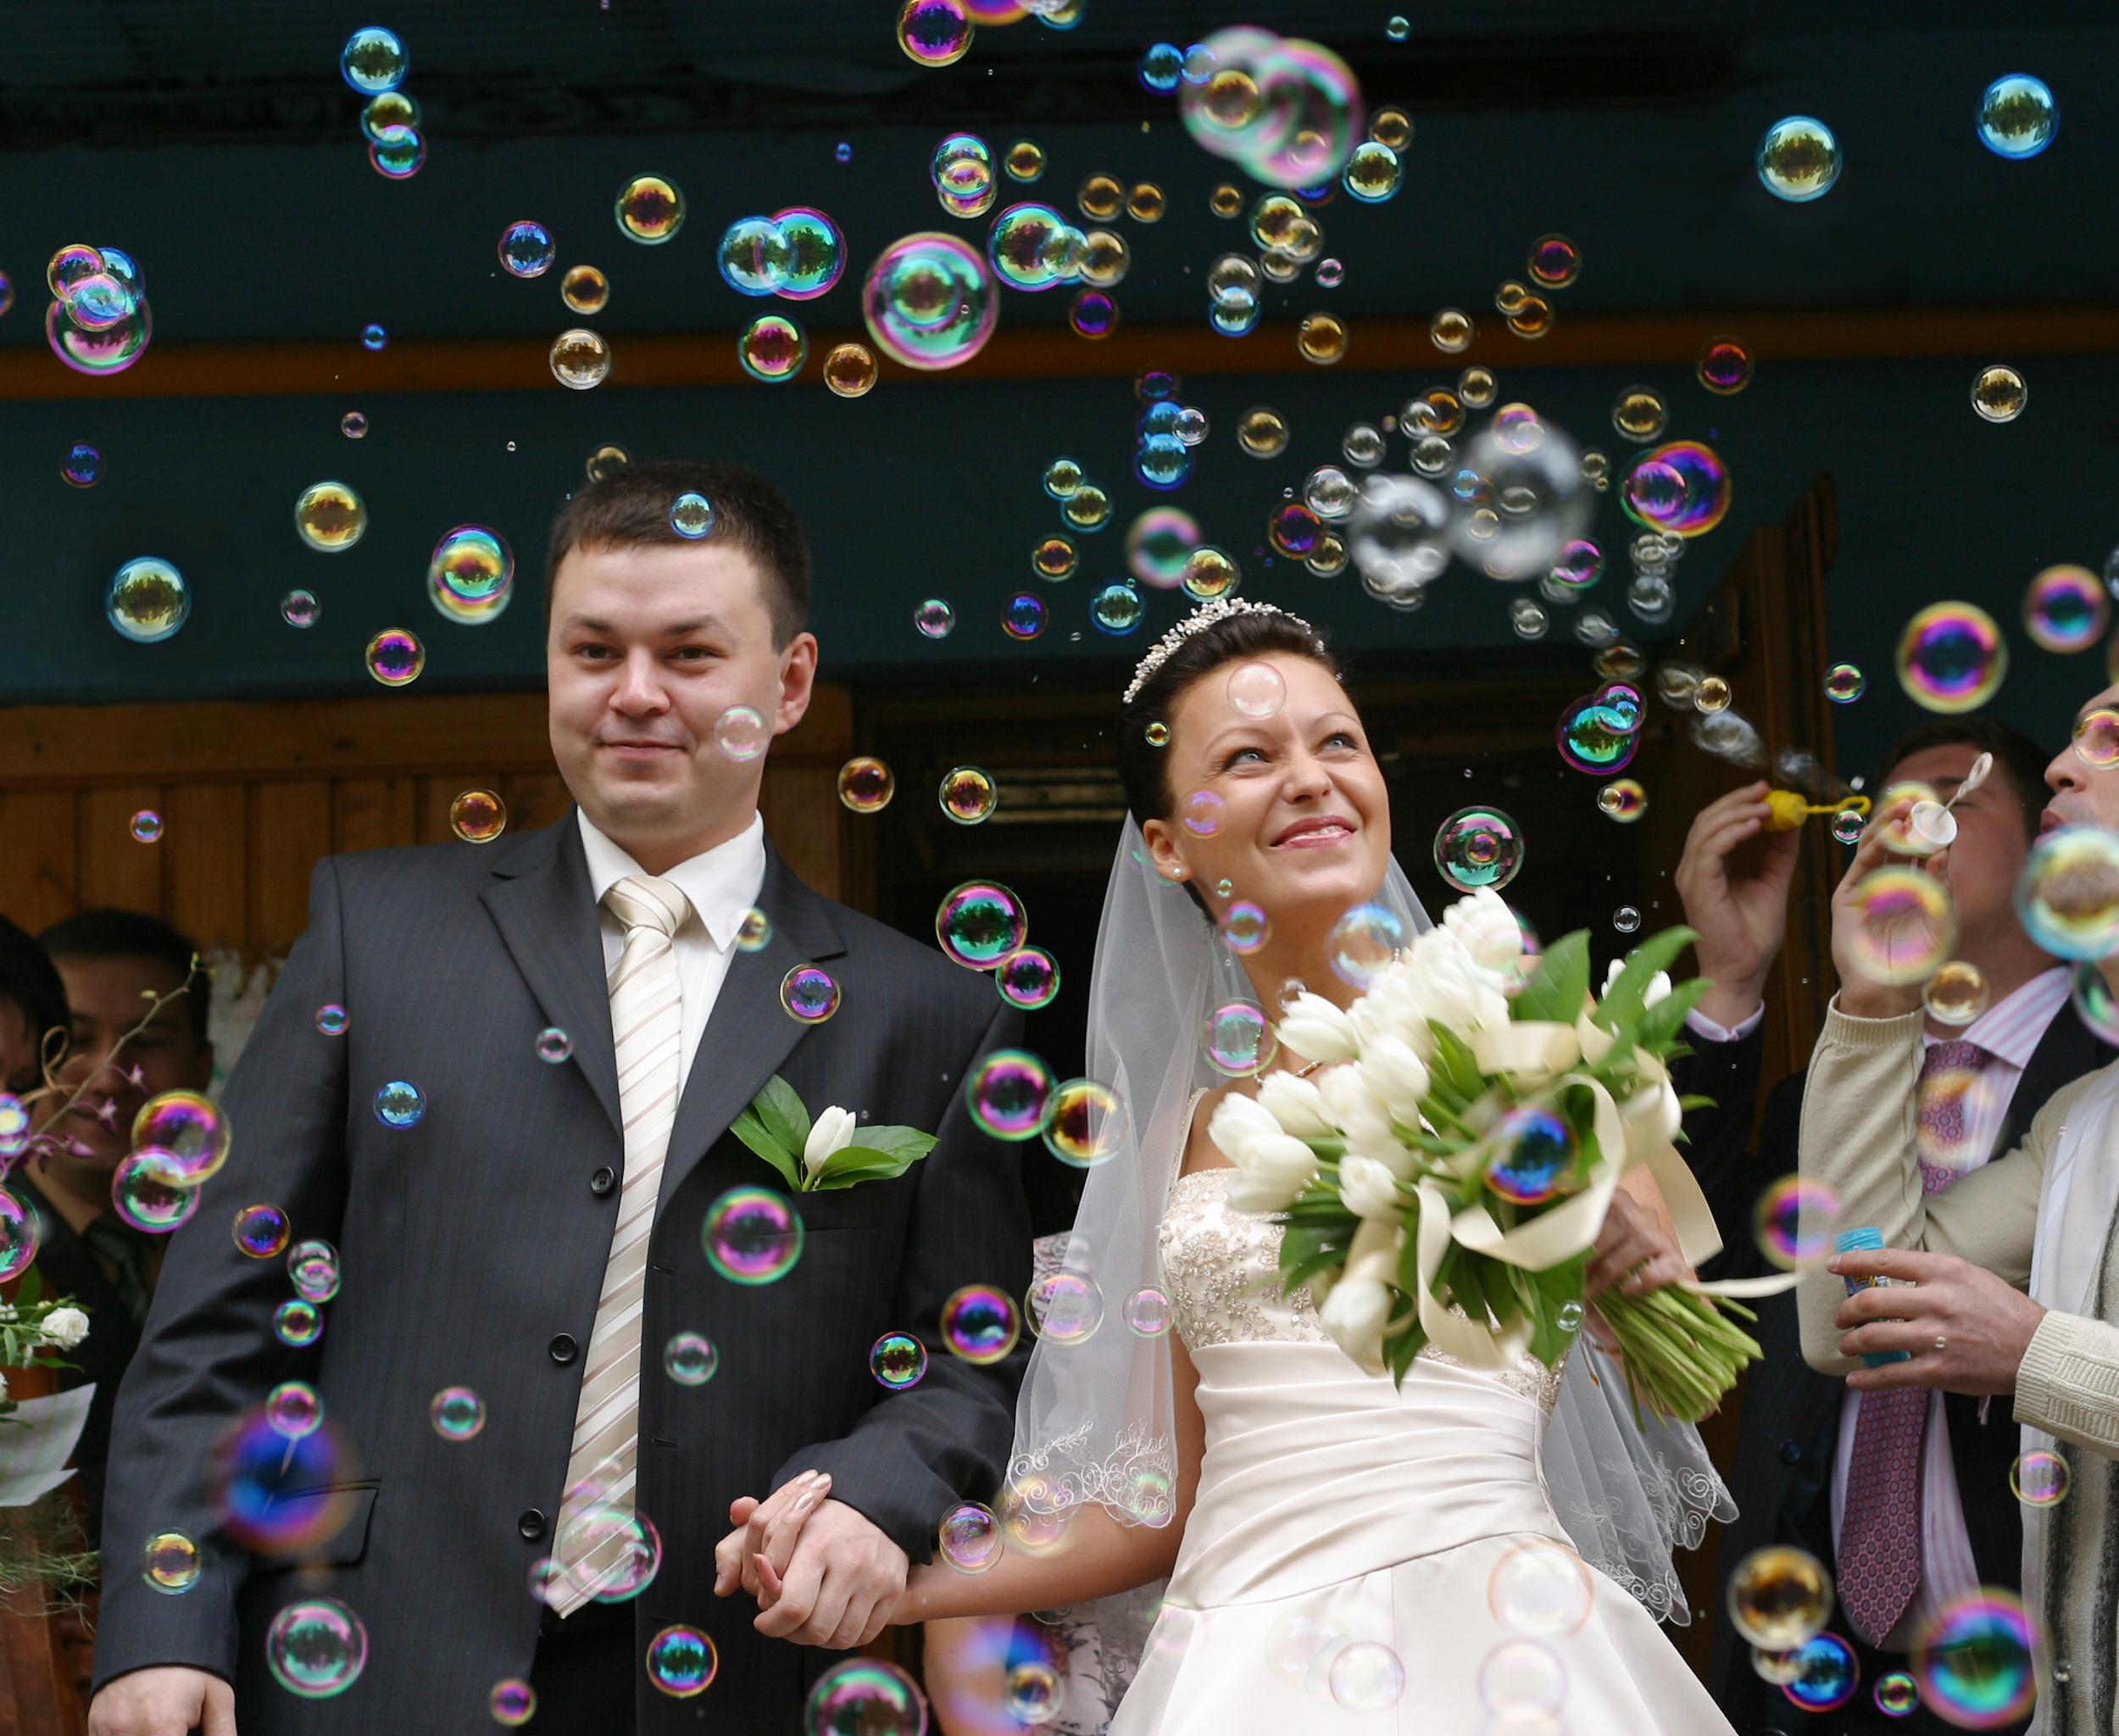 wedding send off ideas bride groom